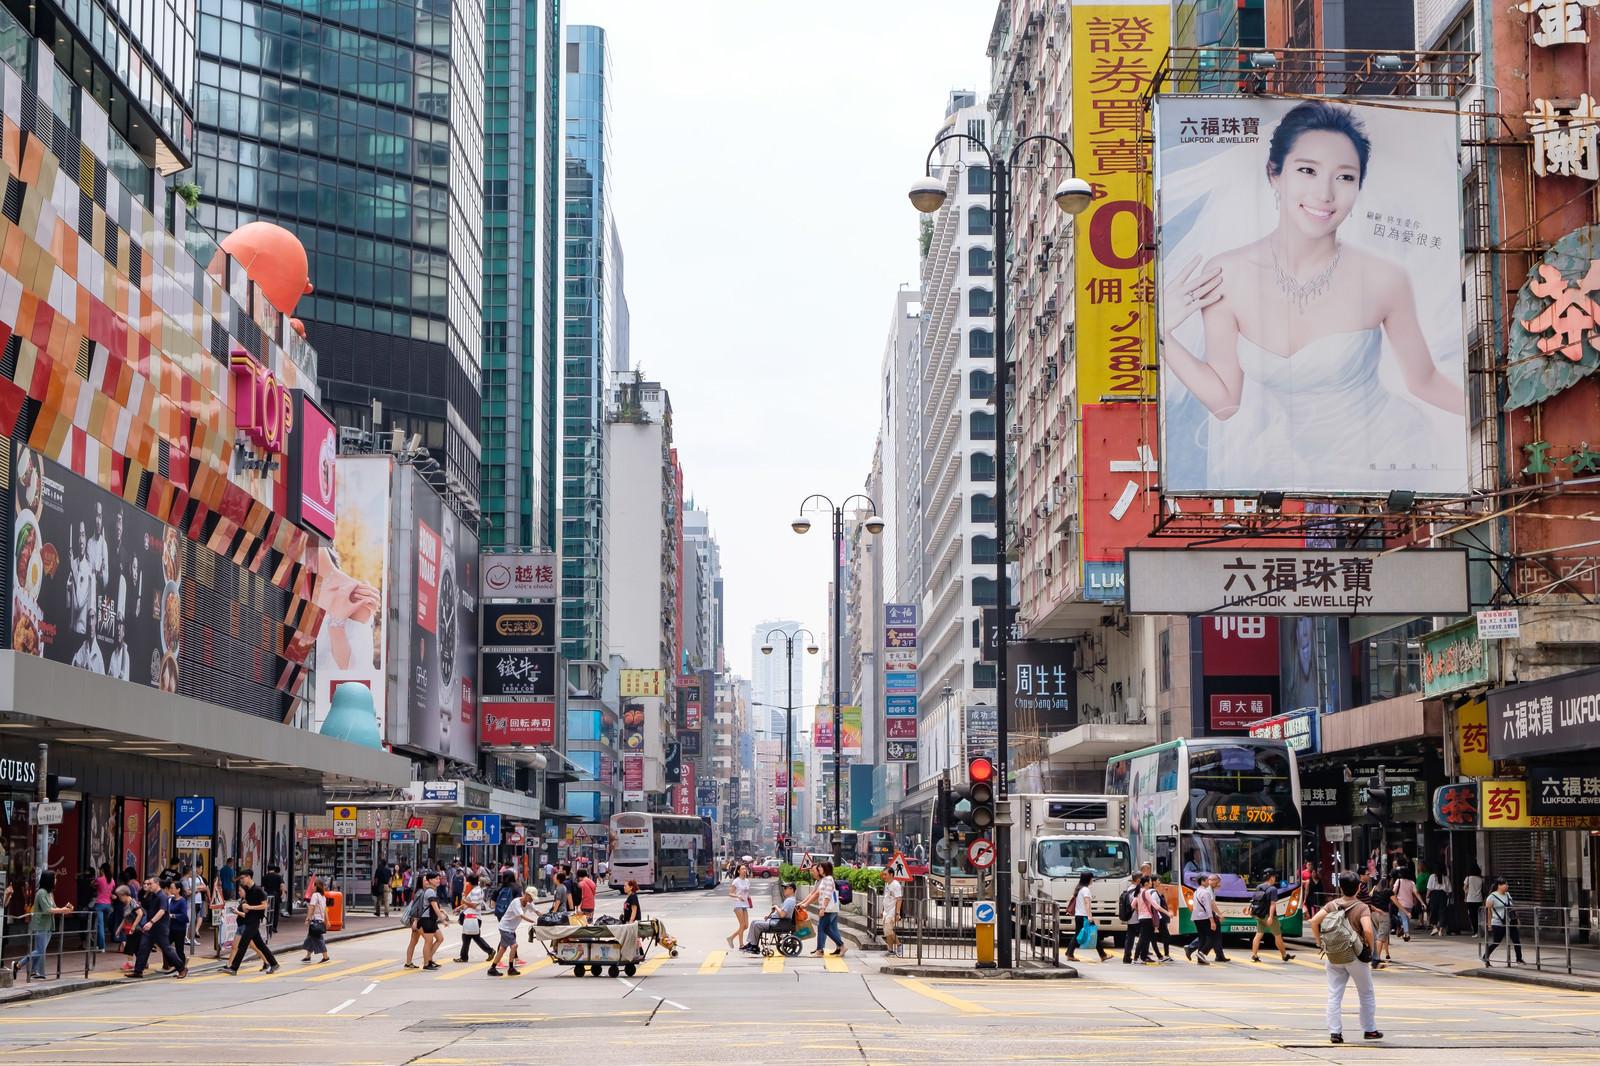 「香港の都市部の景観と横断する人々 | 写真の無料素材・フリー素材 - ぱくたそ」の写真